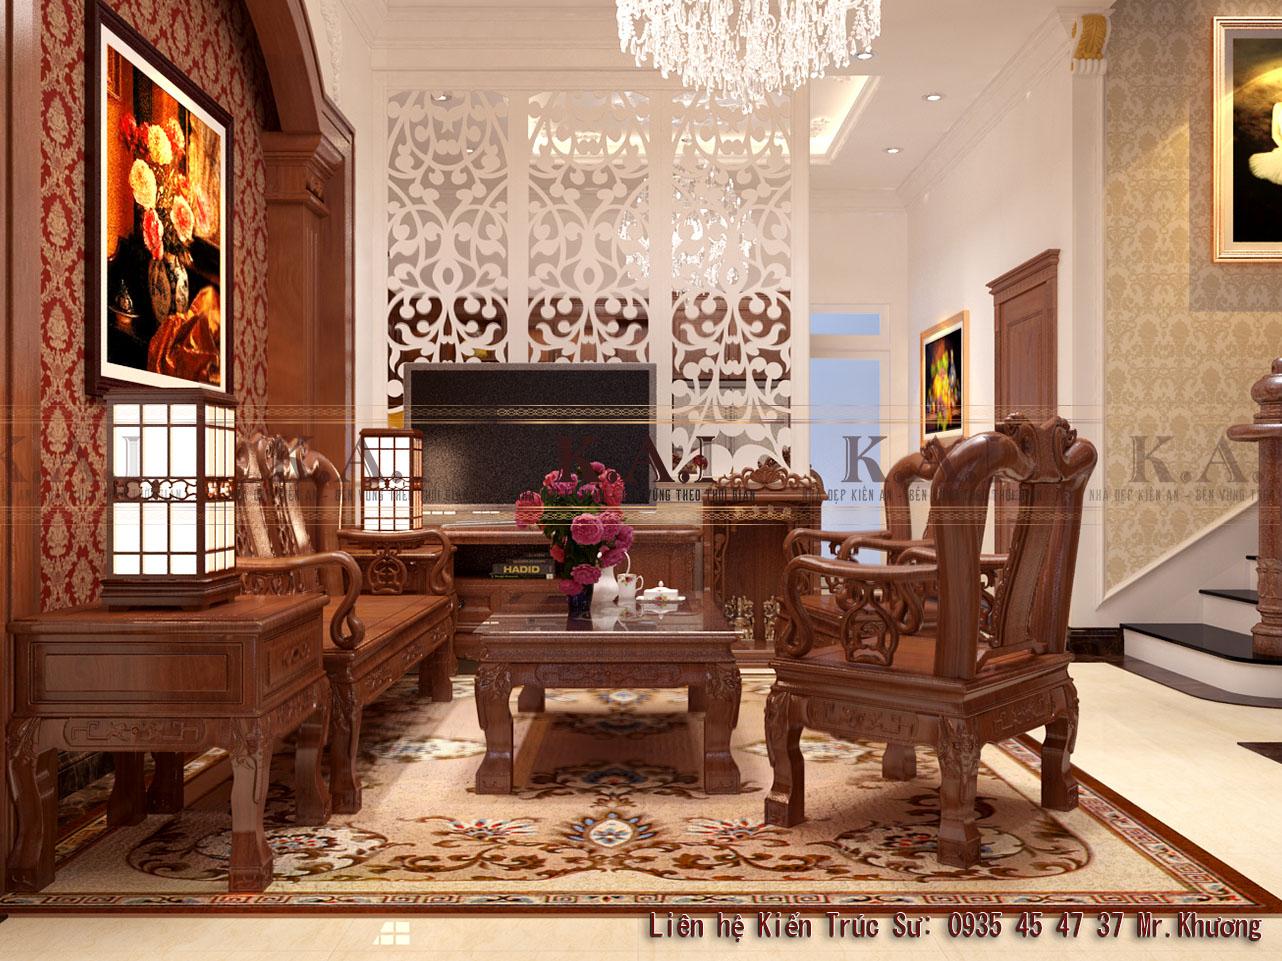 Mẫu thiết kế nội thất nhà tân cổ điển 3 tầng tại Tân Bình